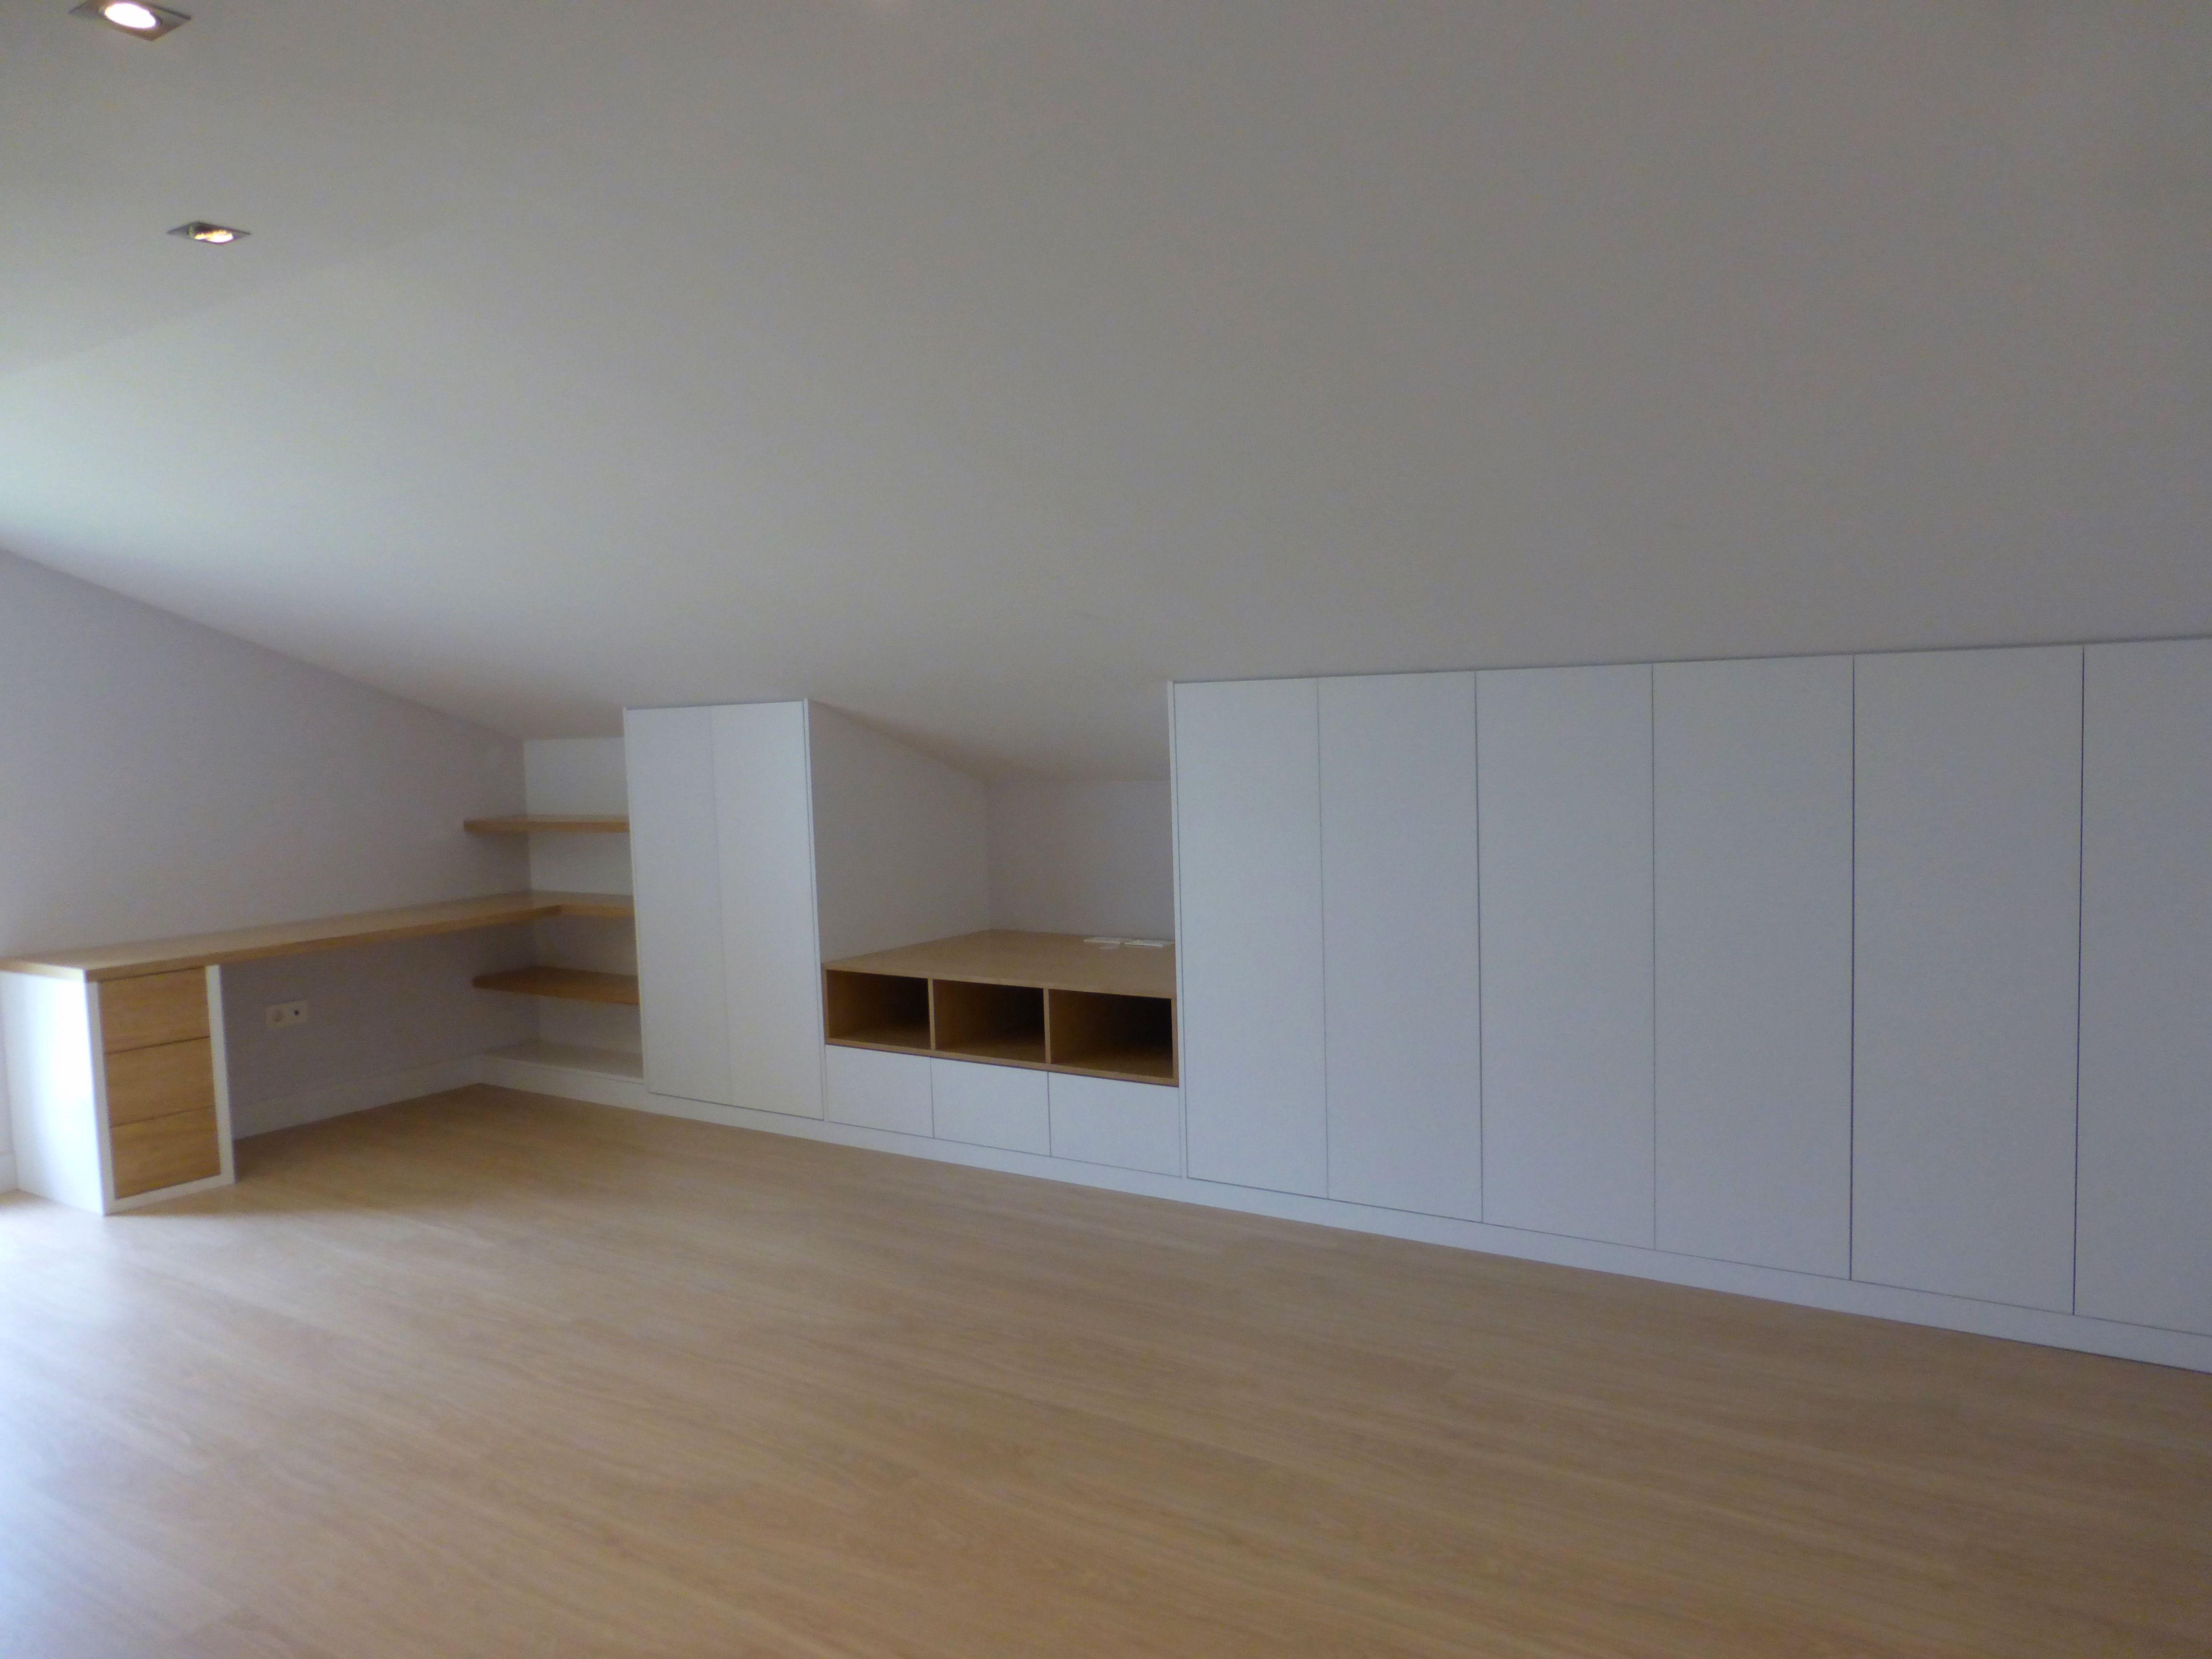 Fabricación e instalación de muebles a medida en Asturias